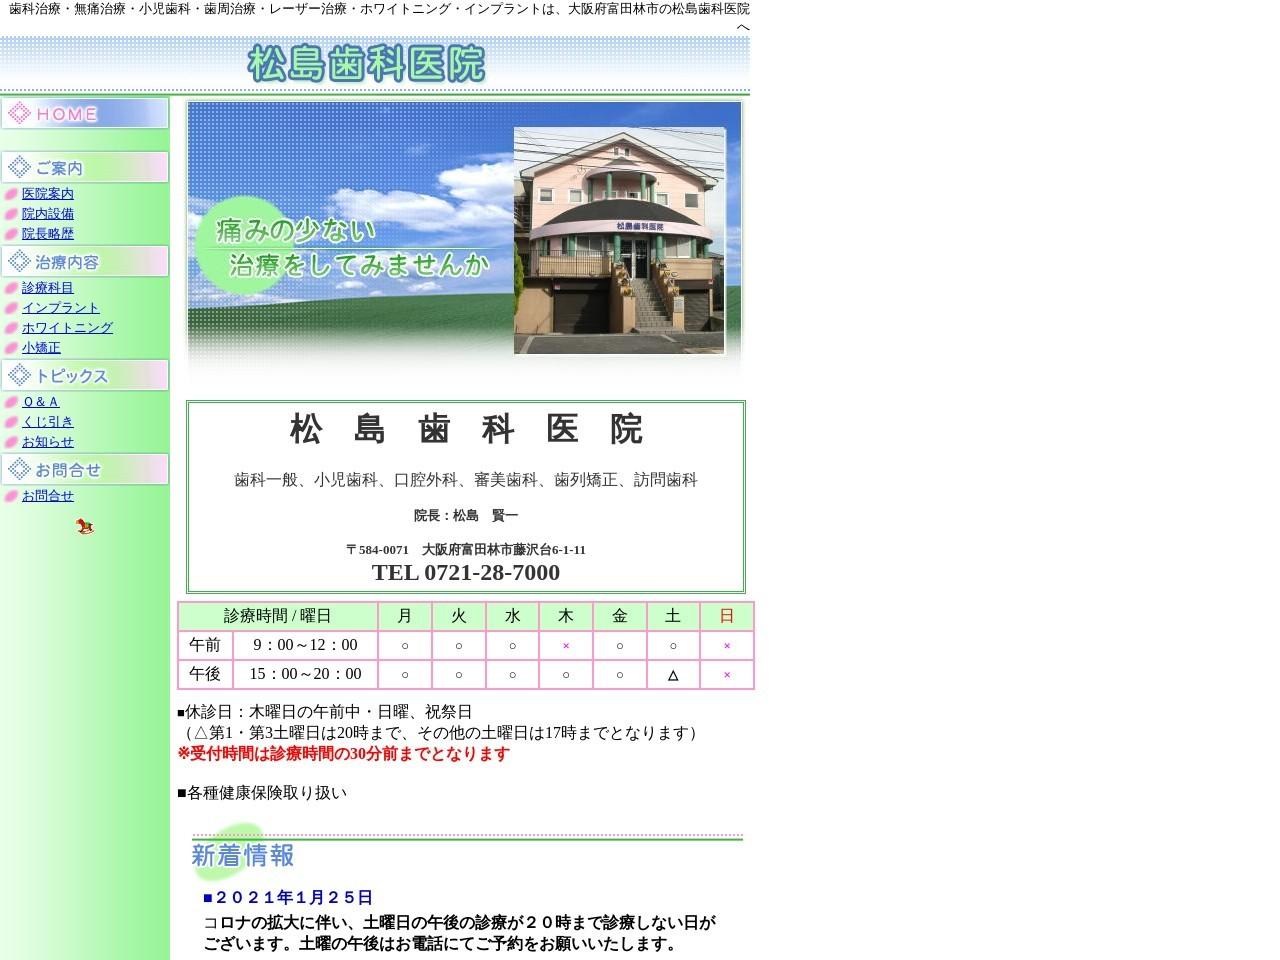 松島歯科医院 (大阪府富田林市)